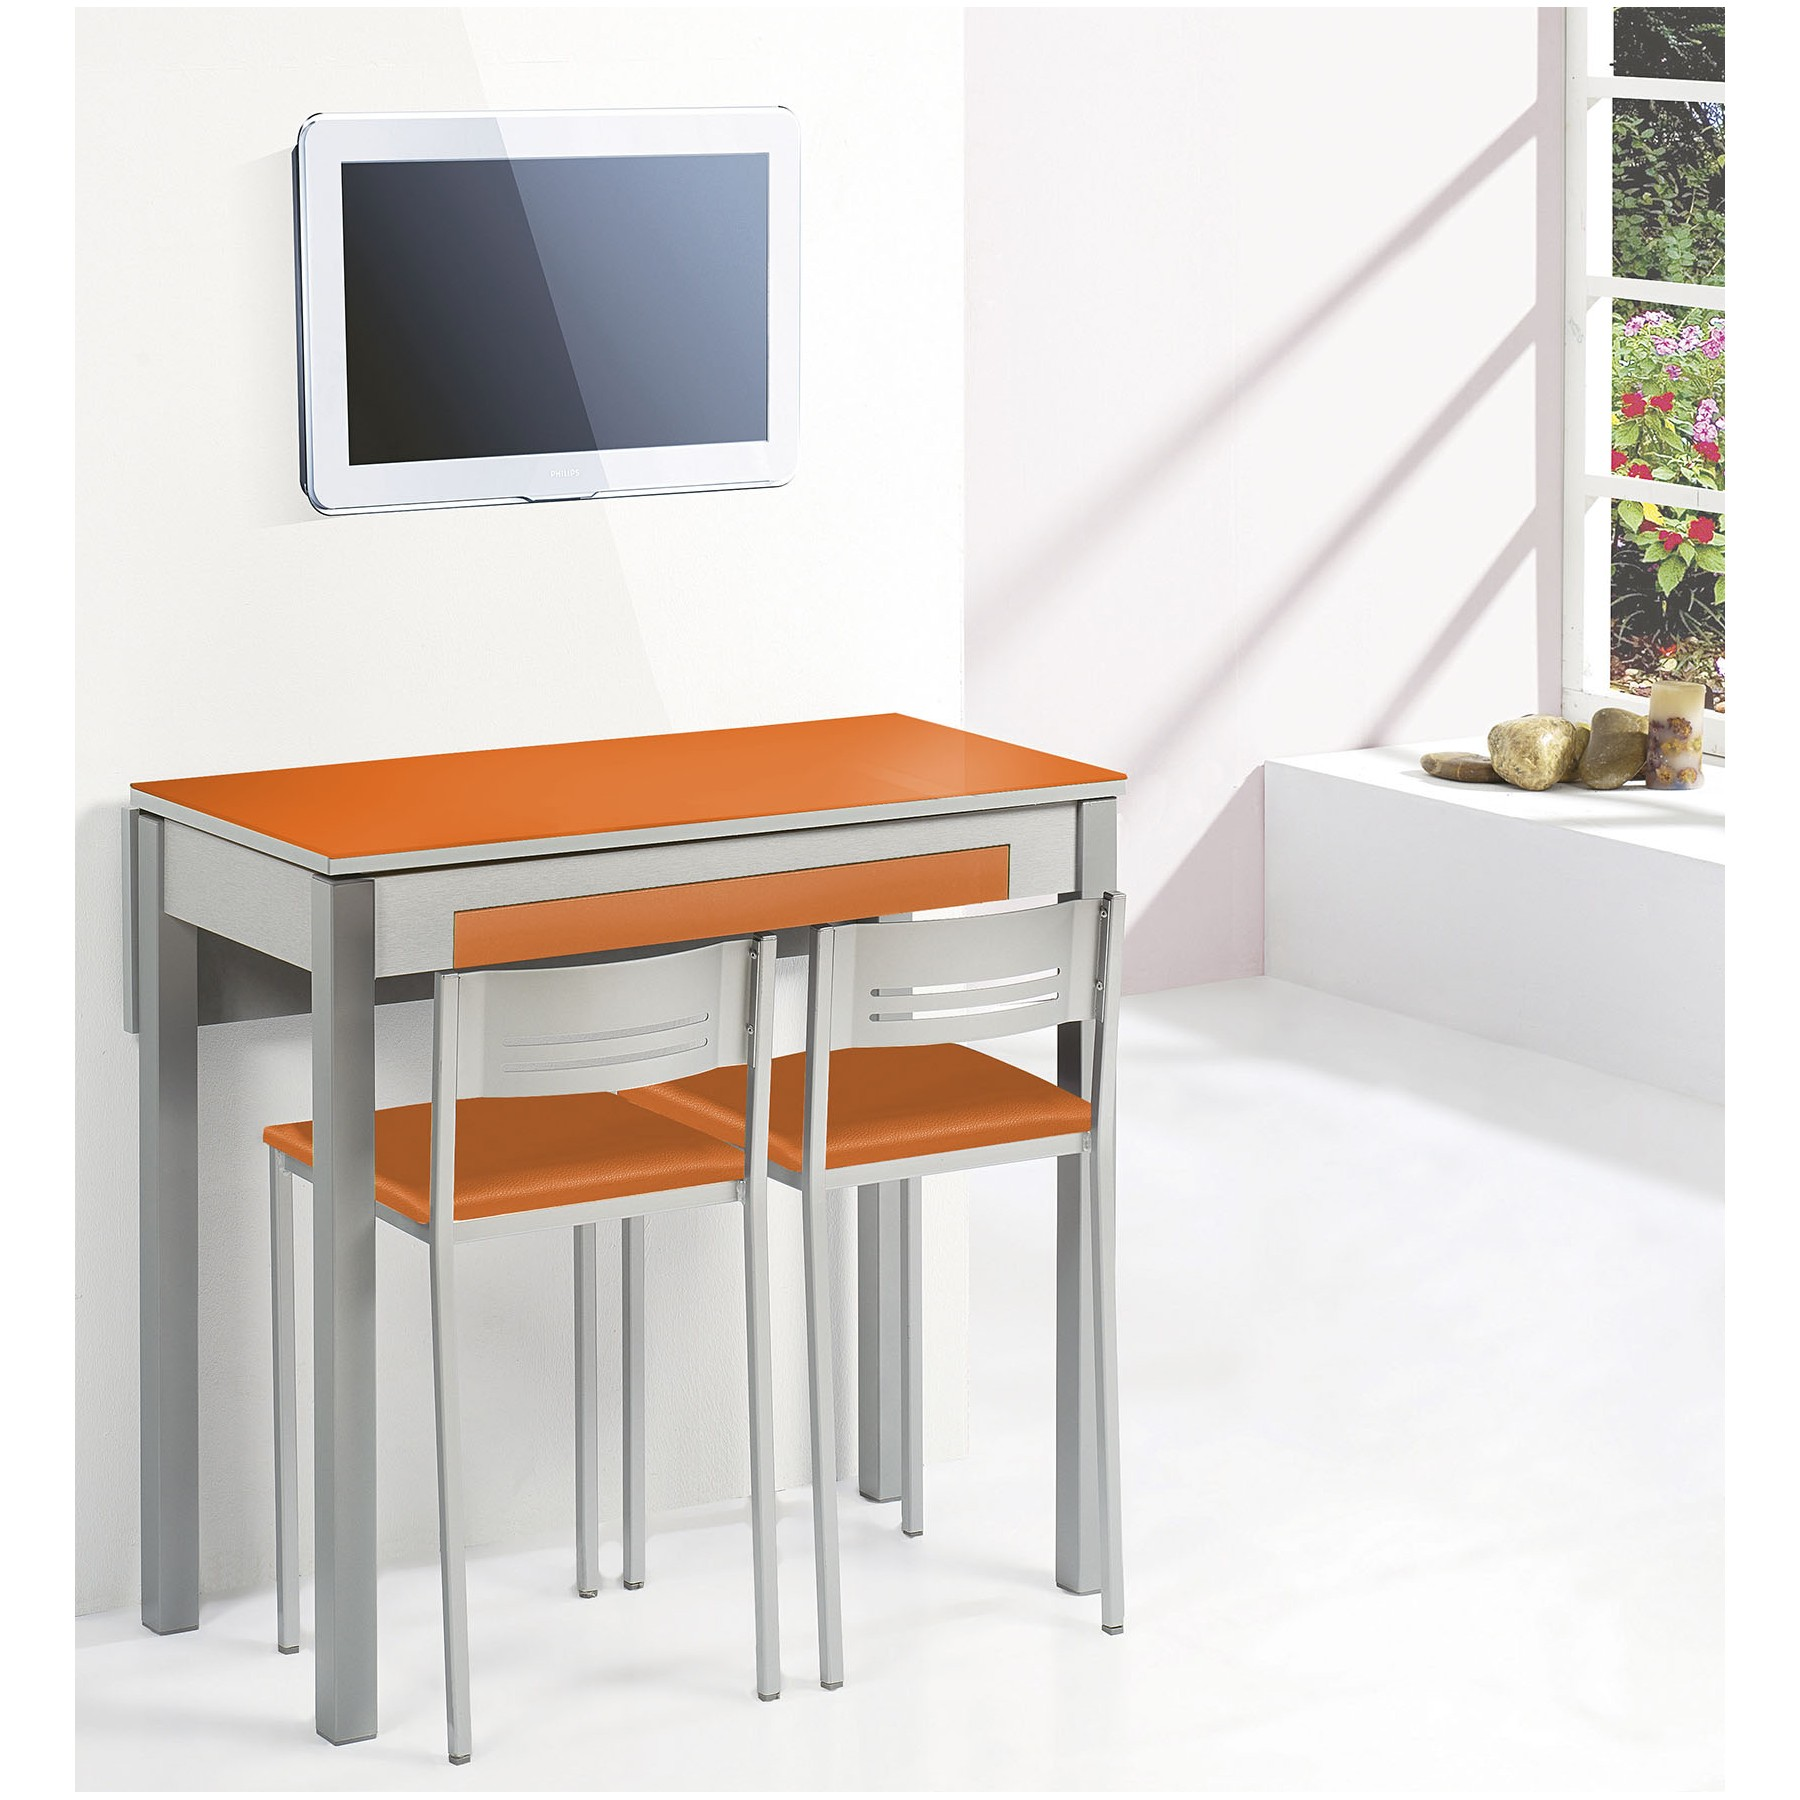 Conjunto mesa cocina y sillas taburete ala extensible for Mesas para cocinas estrechas